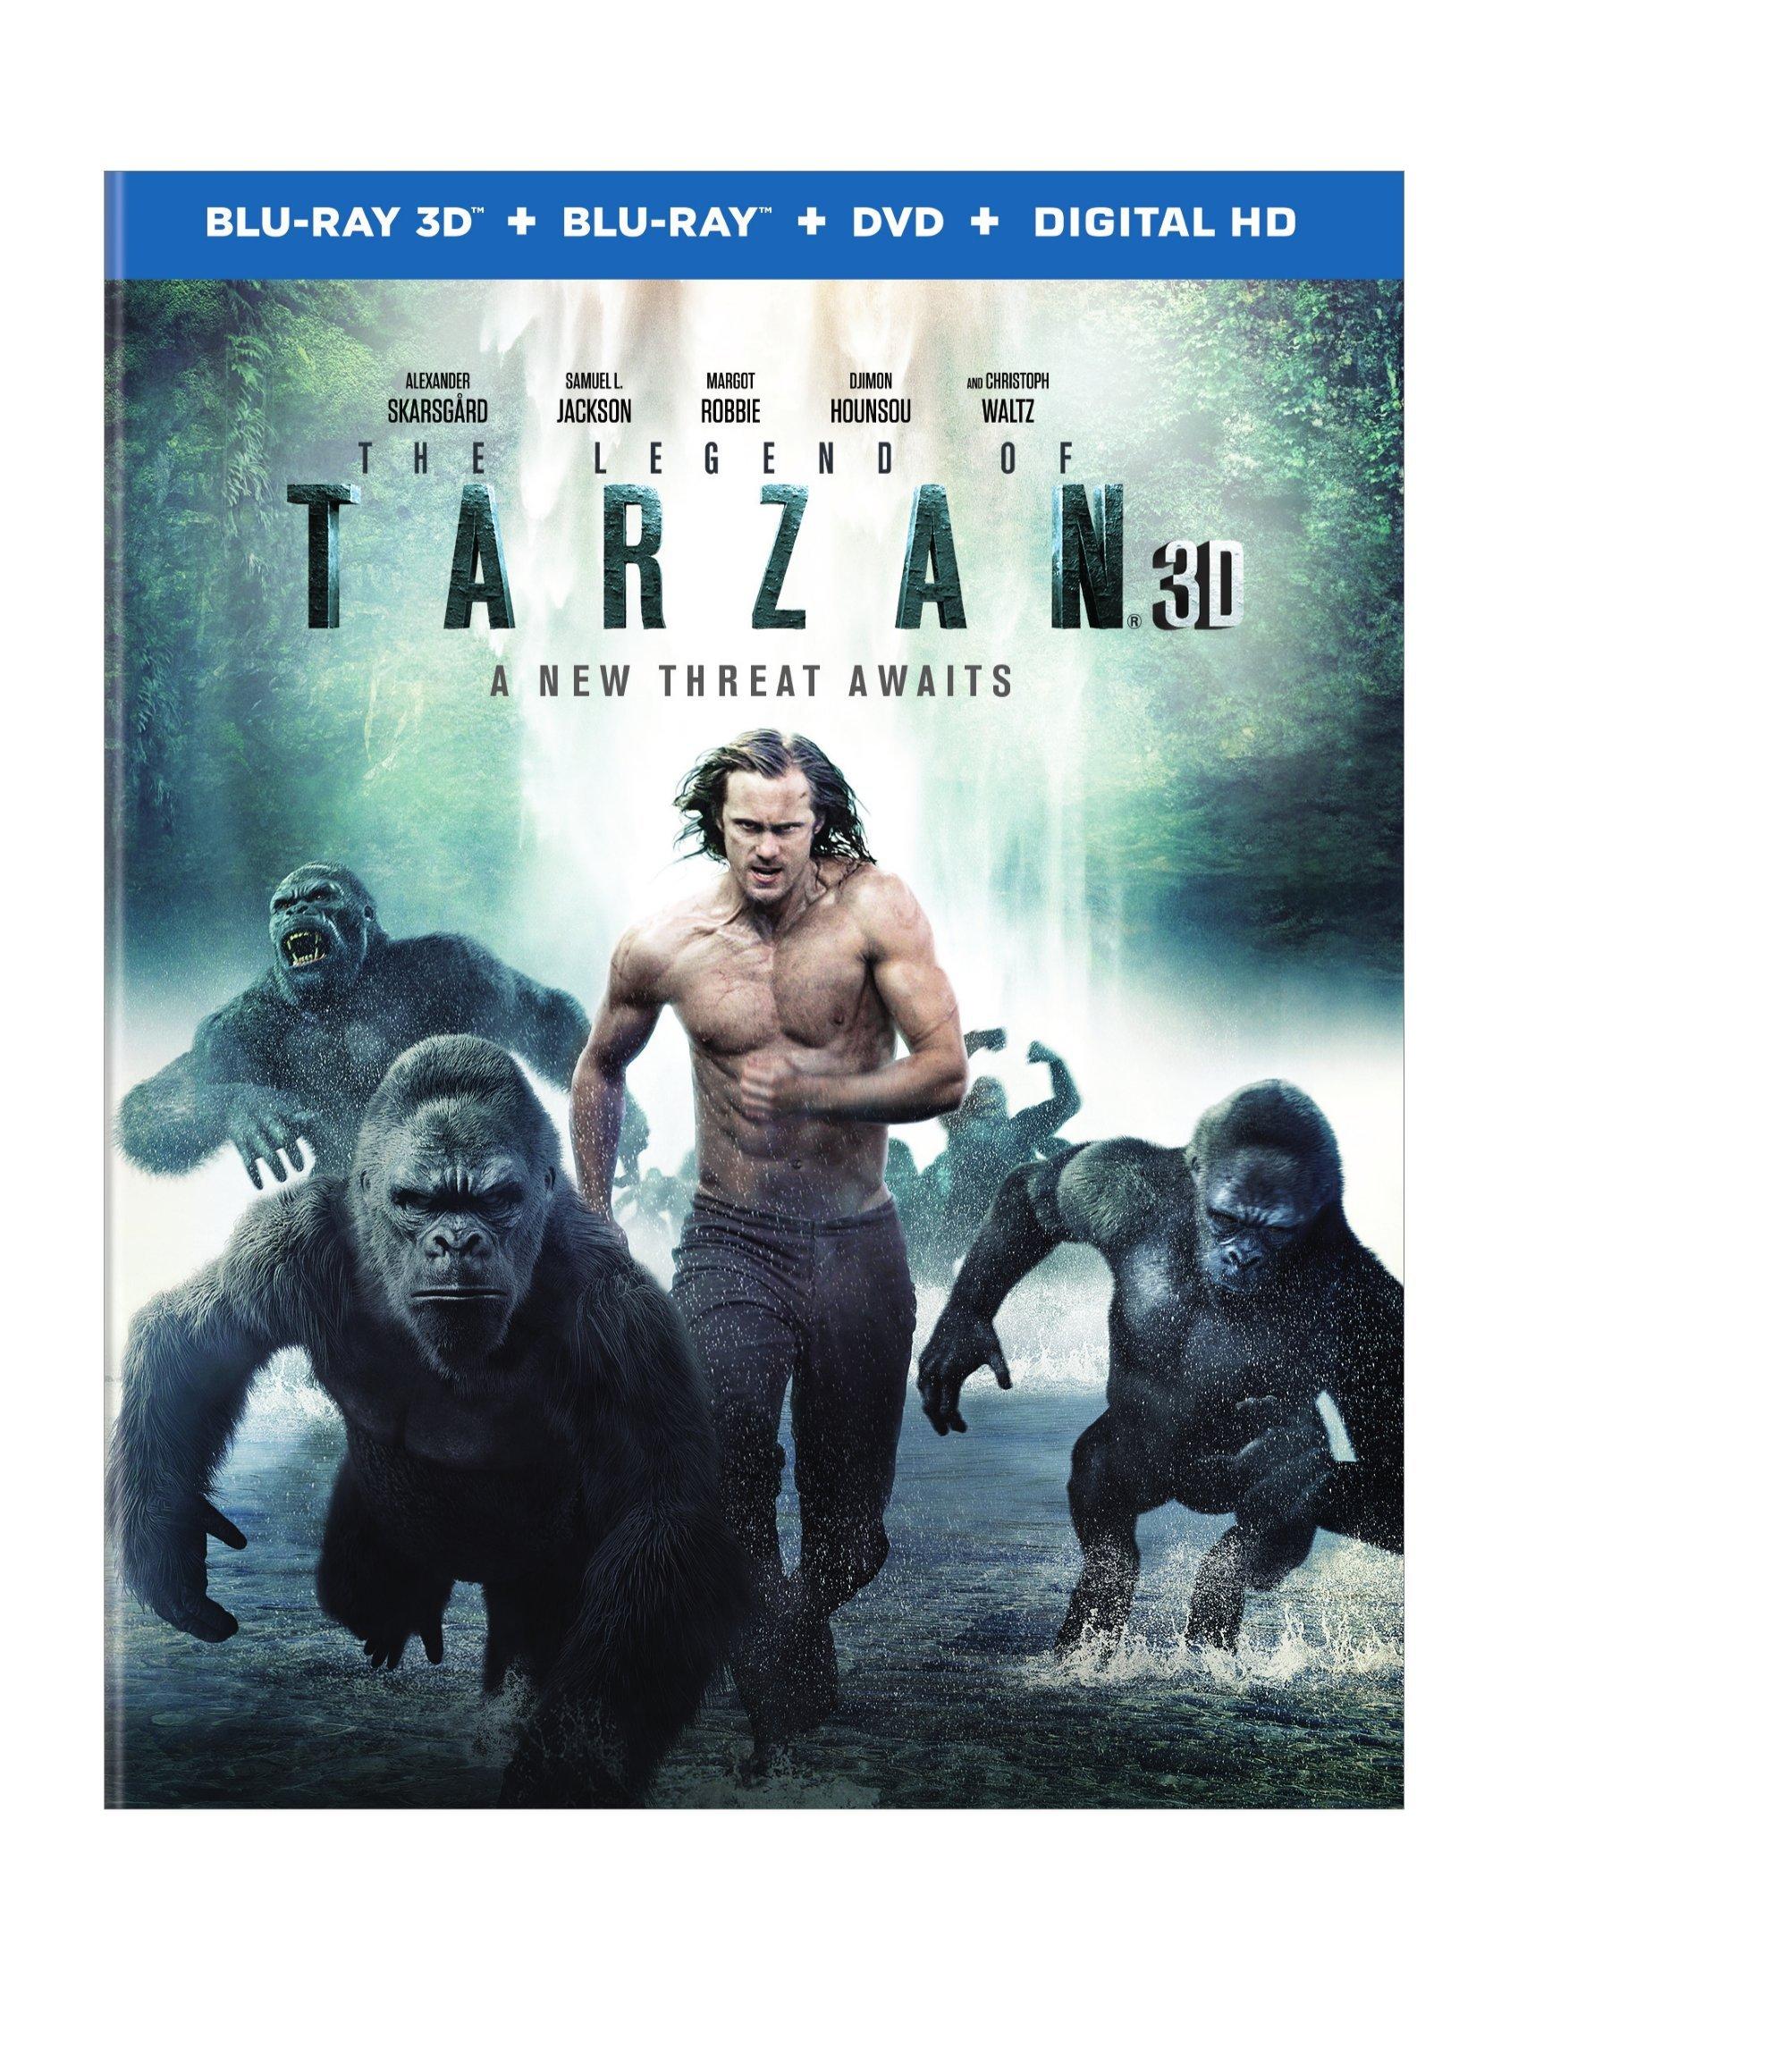 Legend.of.Tarzan.3D.2016.German.DL.1080p.BluRay.x264-BluRay3D